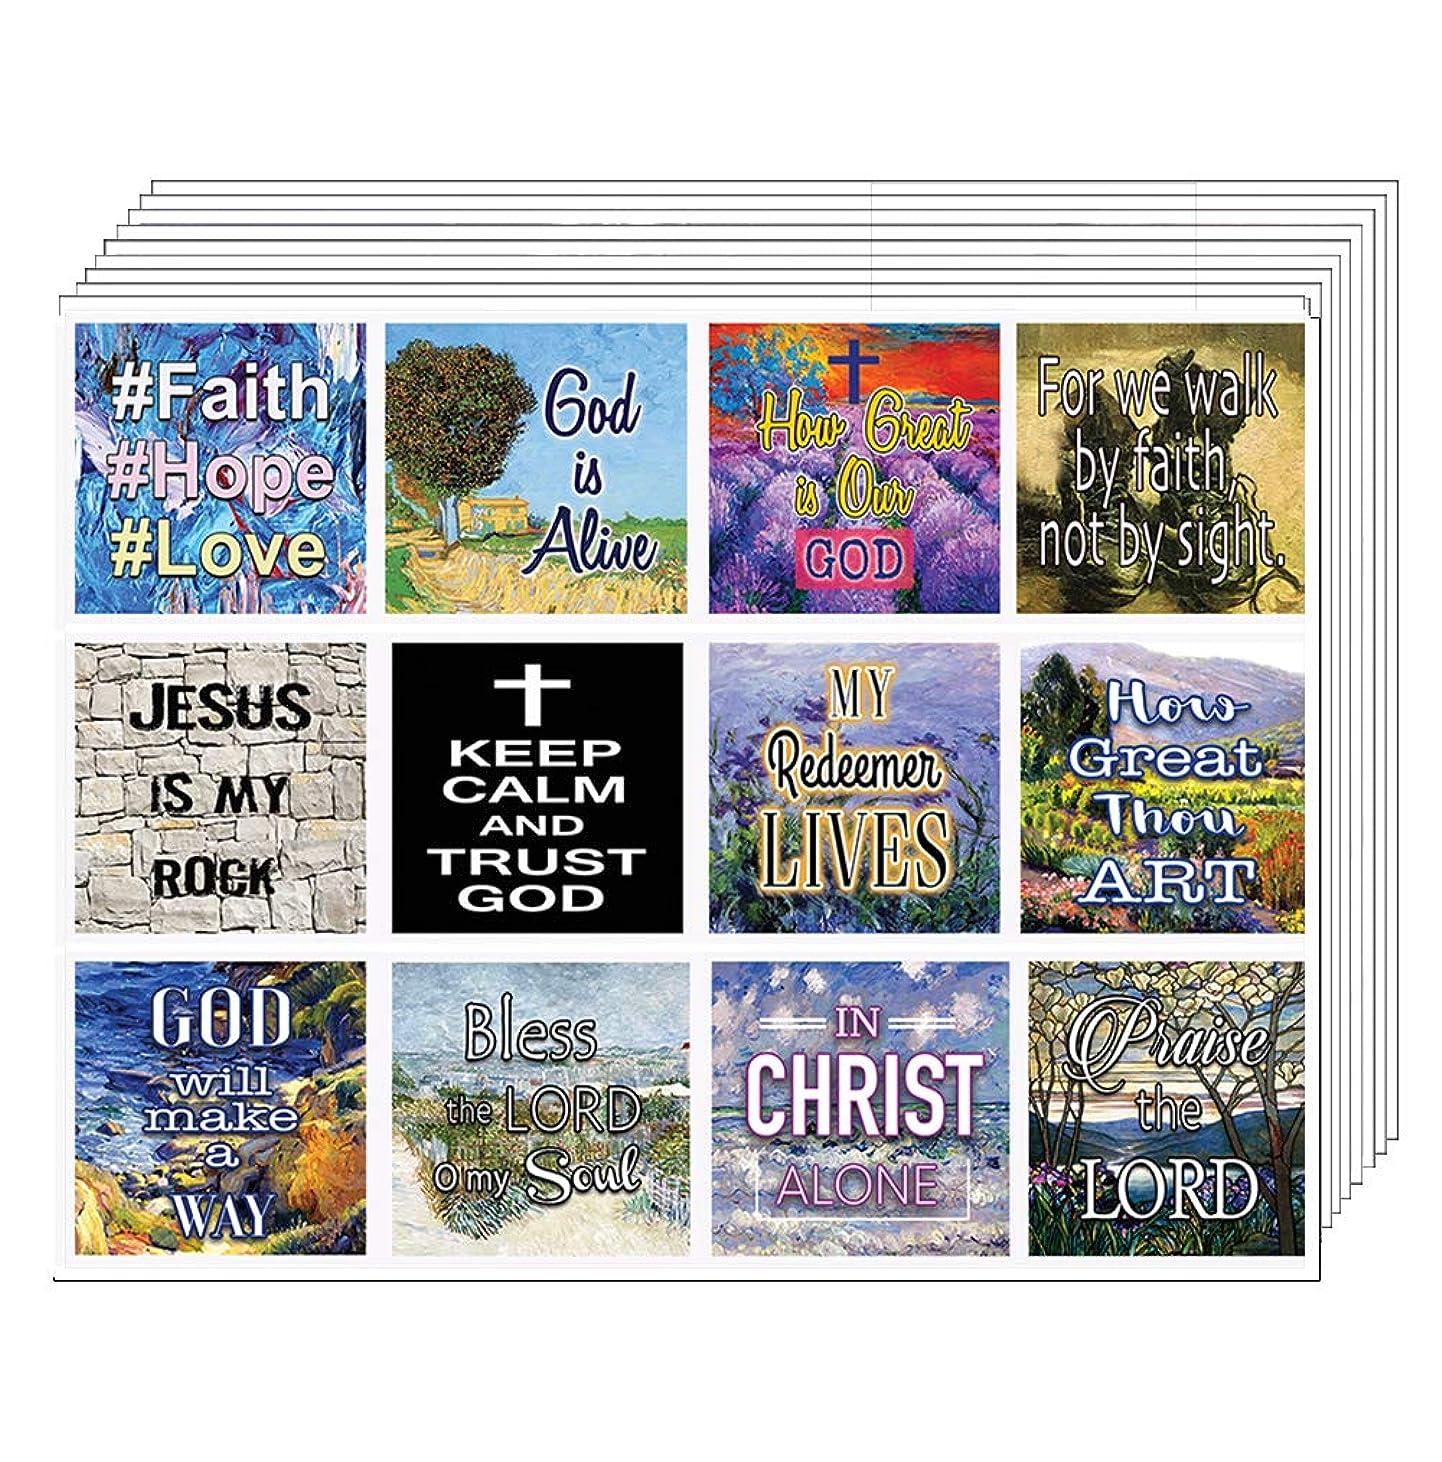 キリスト教聖書の言葉 聖書の言葉 プランナー ステッカー - 20枚